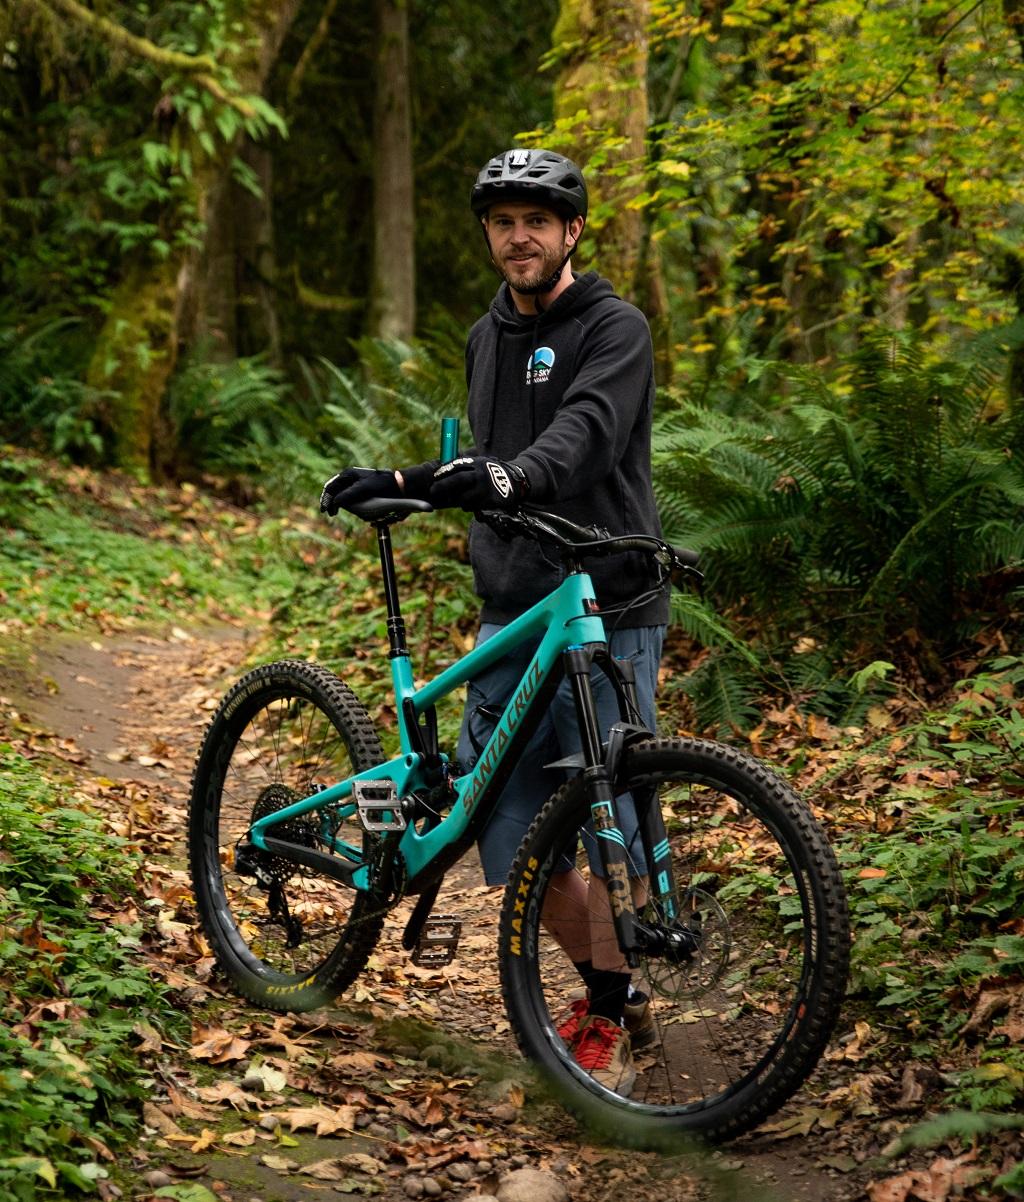 Pax 3 Vaporizer - Mountain Biking